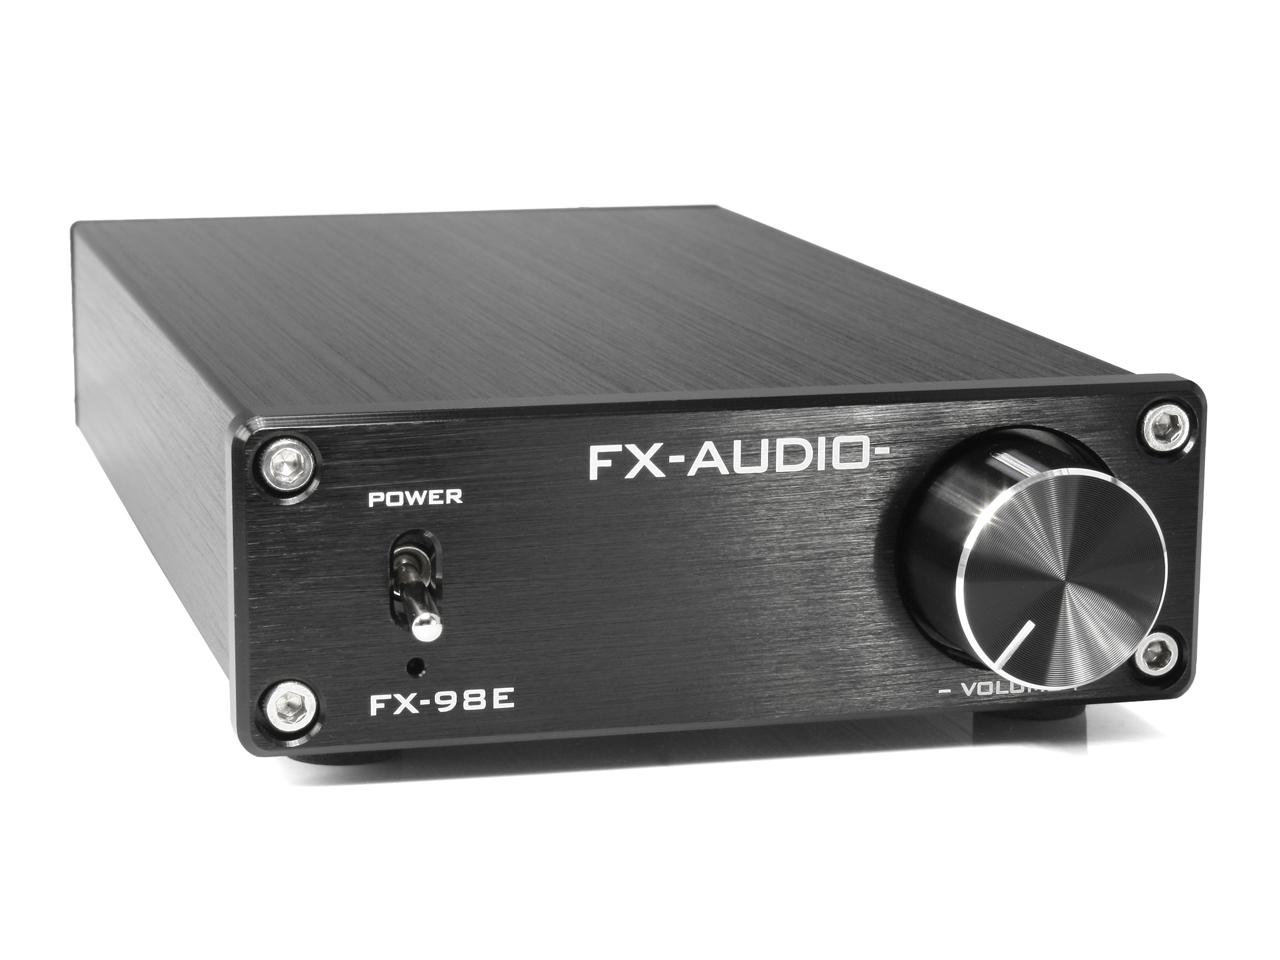 【送料無料】FX-AUDIO- FX-98E 『ブラック』 TDA7498EデジタルアンプIC搭載 160Wハイパワーデジタルアンプ